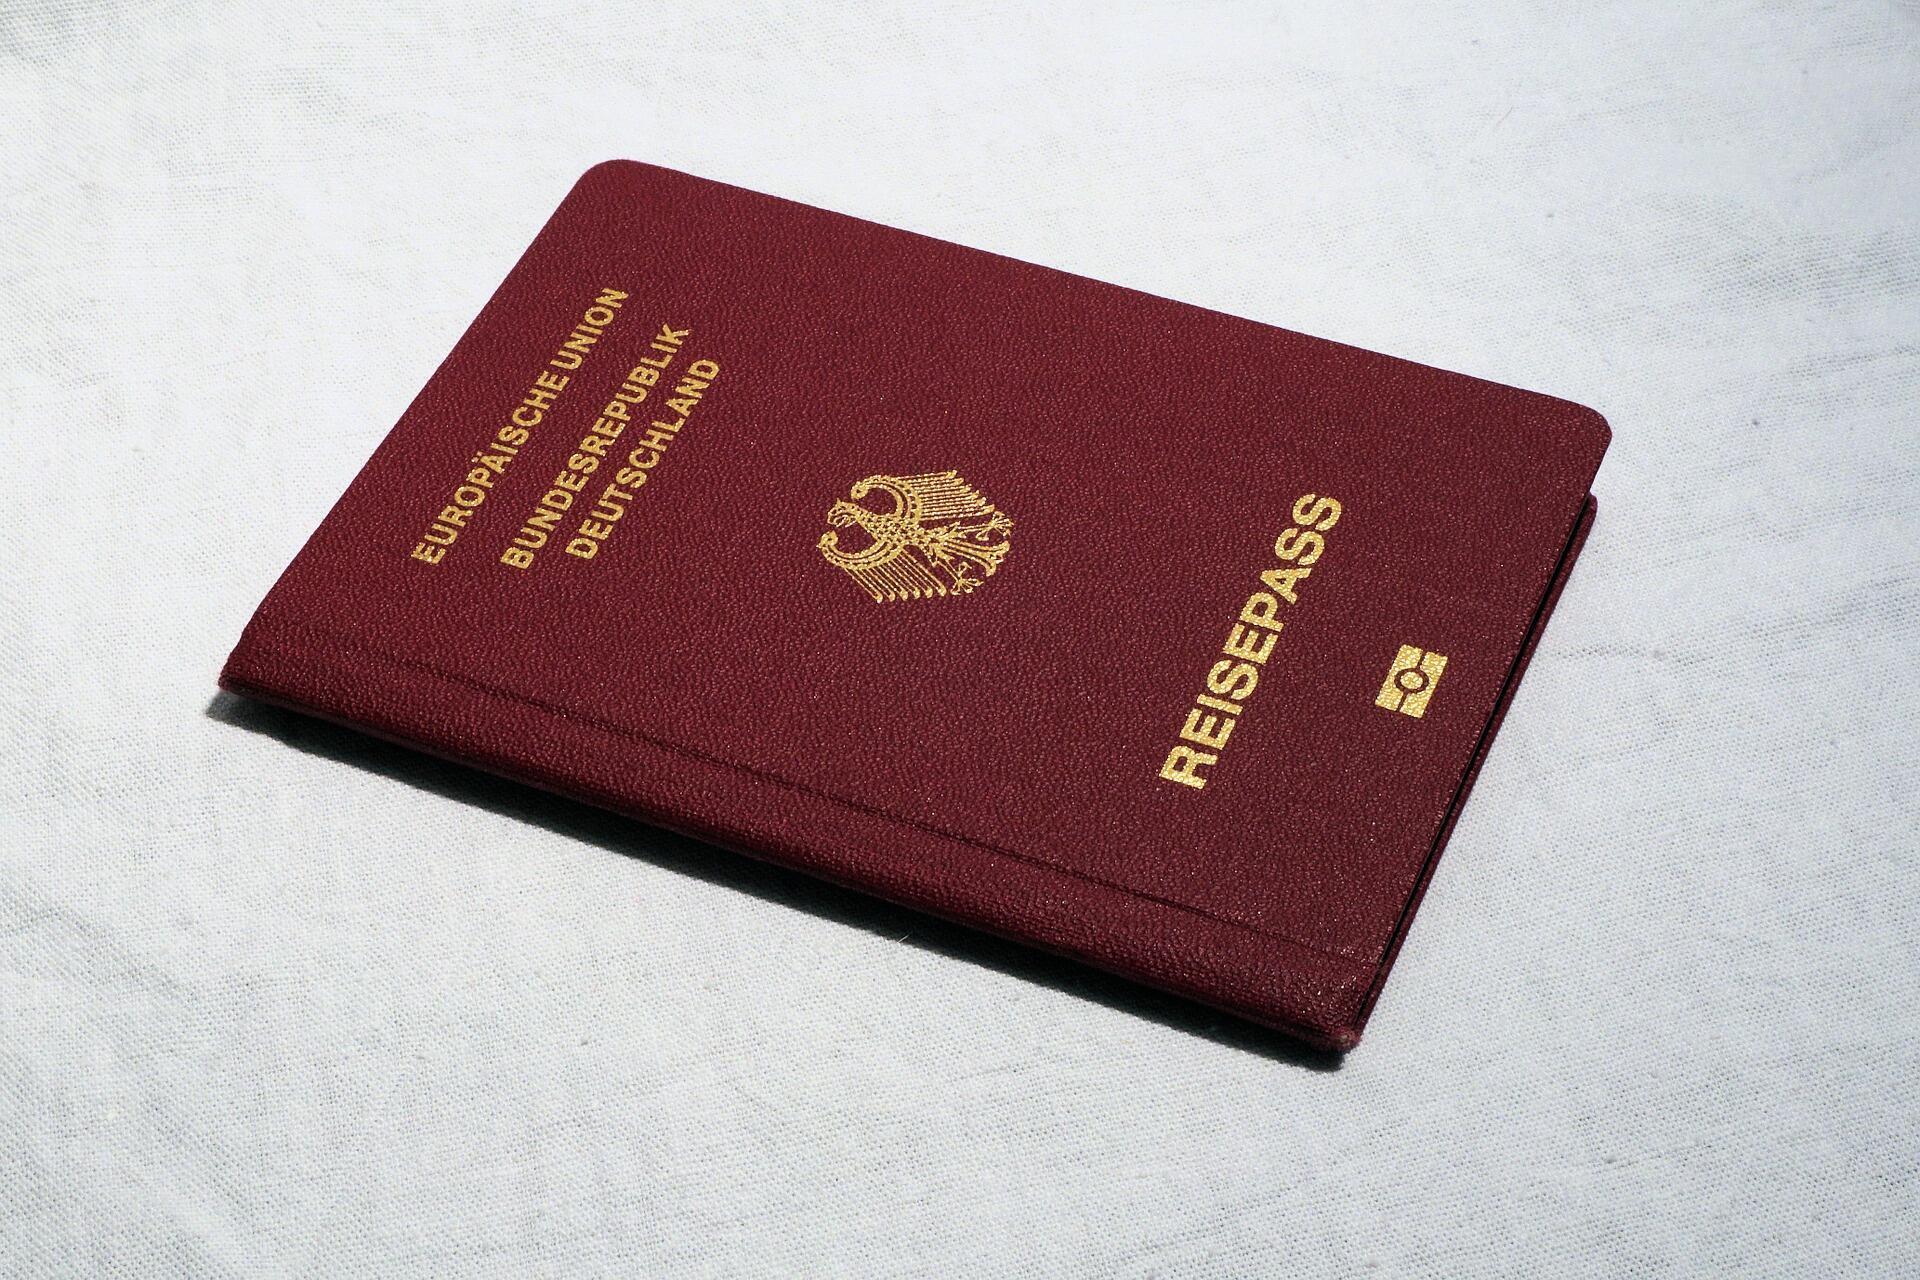 O governo da Alemanha publicou um decreto para que descendentes de vítimas do regime nazista obtenham a cidadania alemã com mais facilidade.